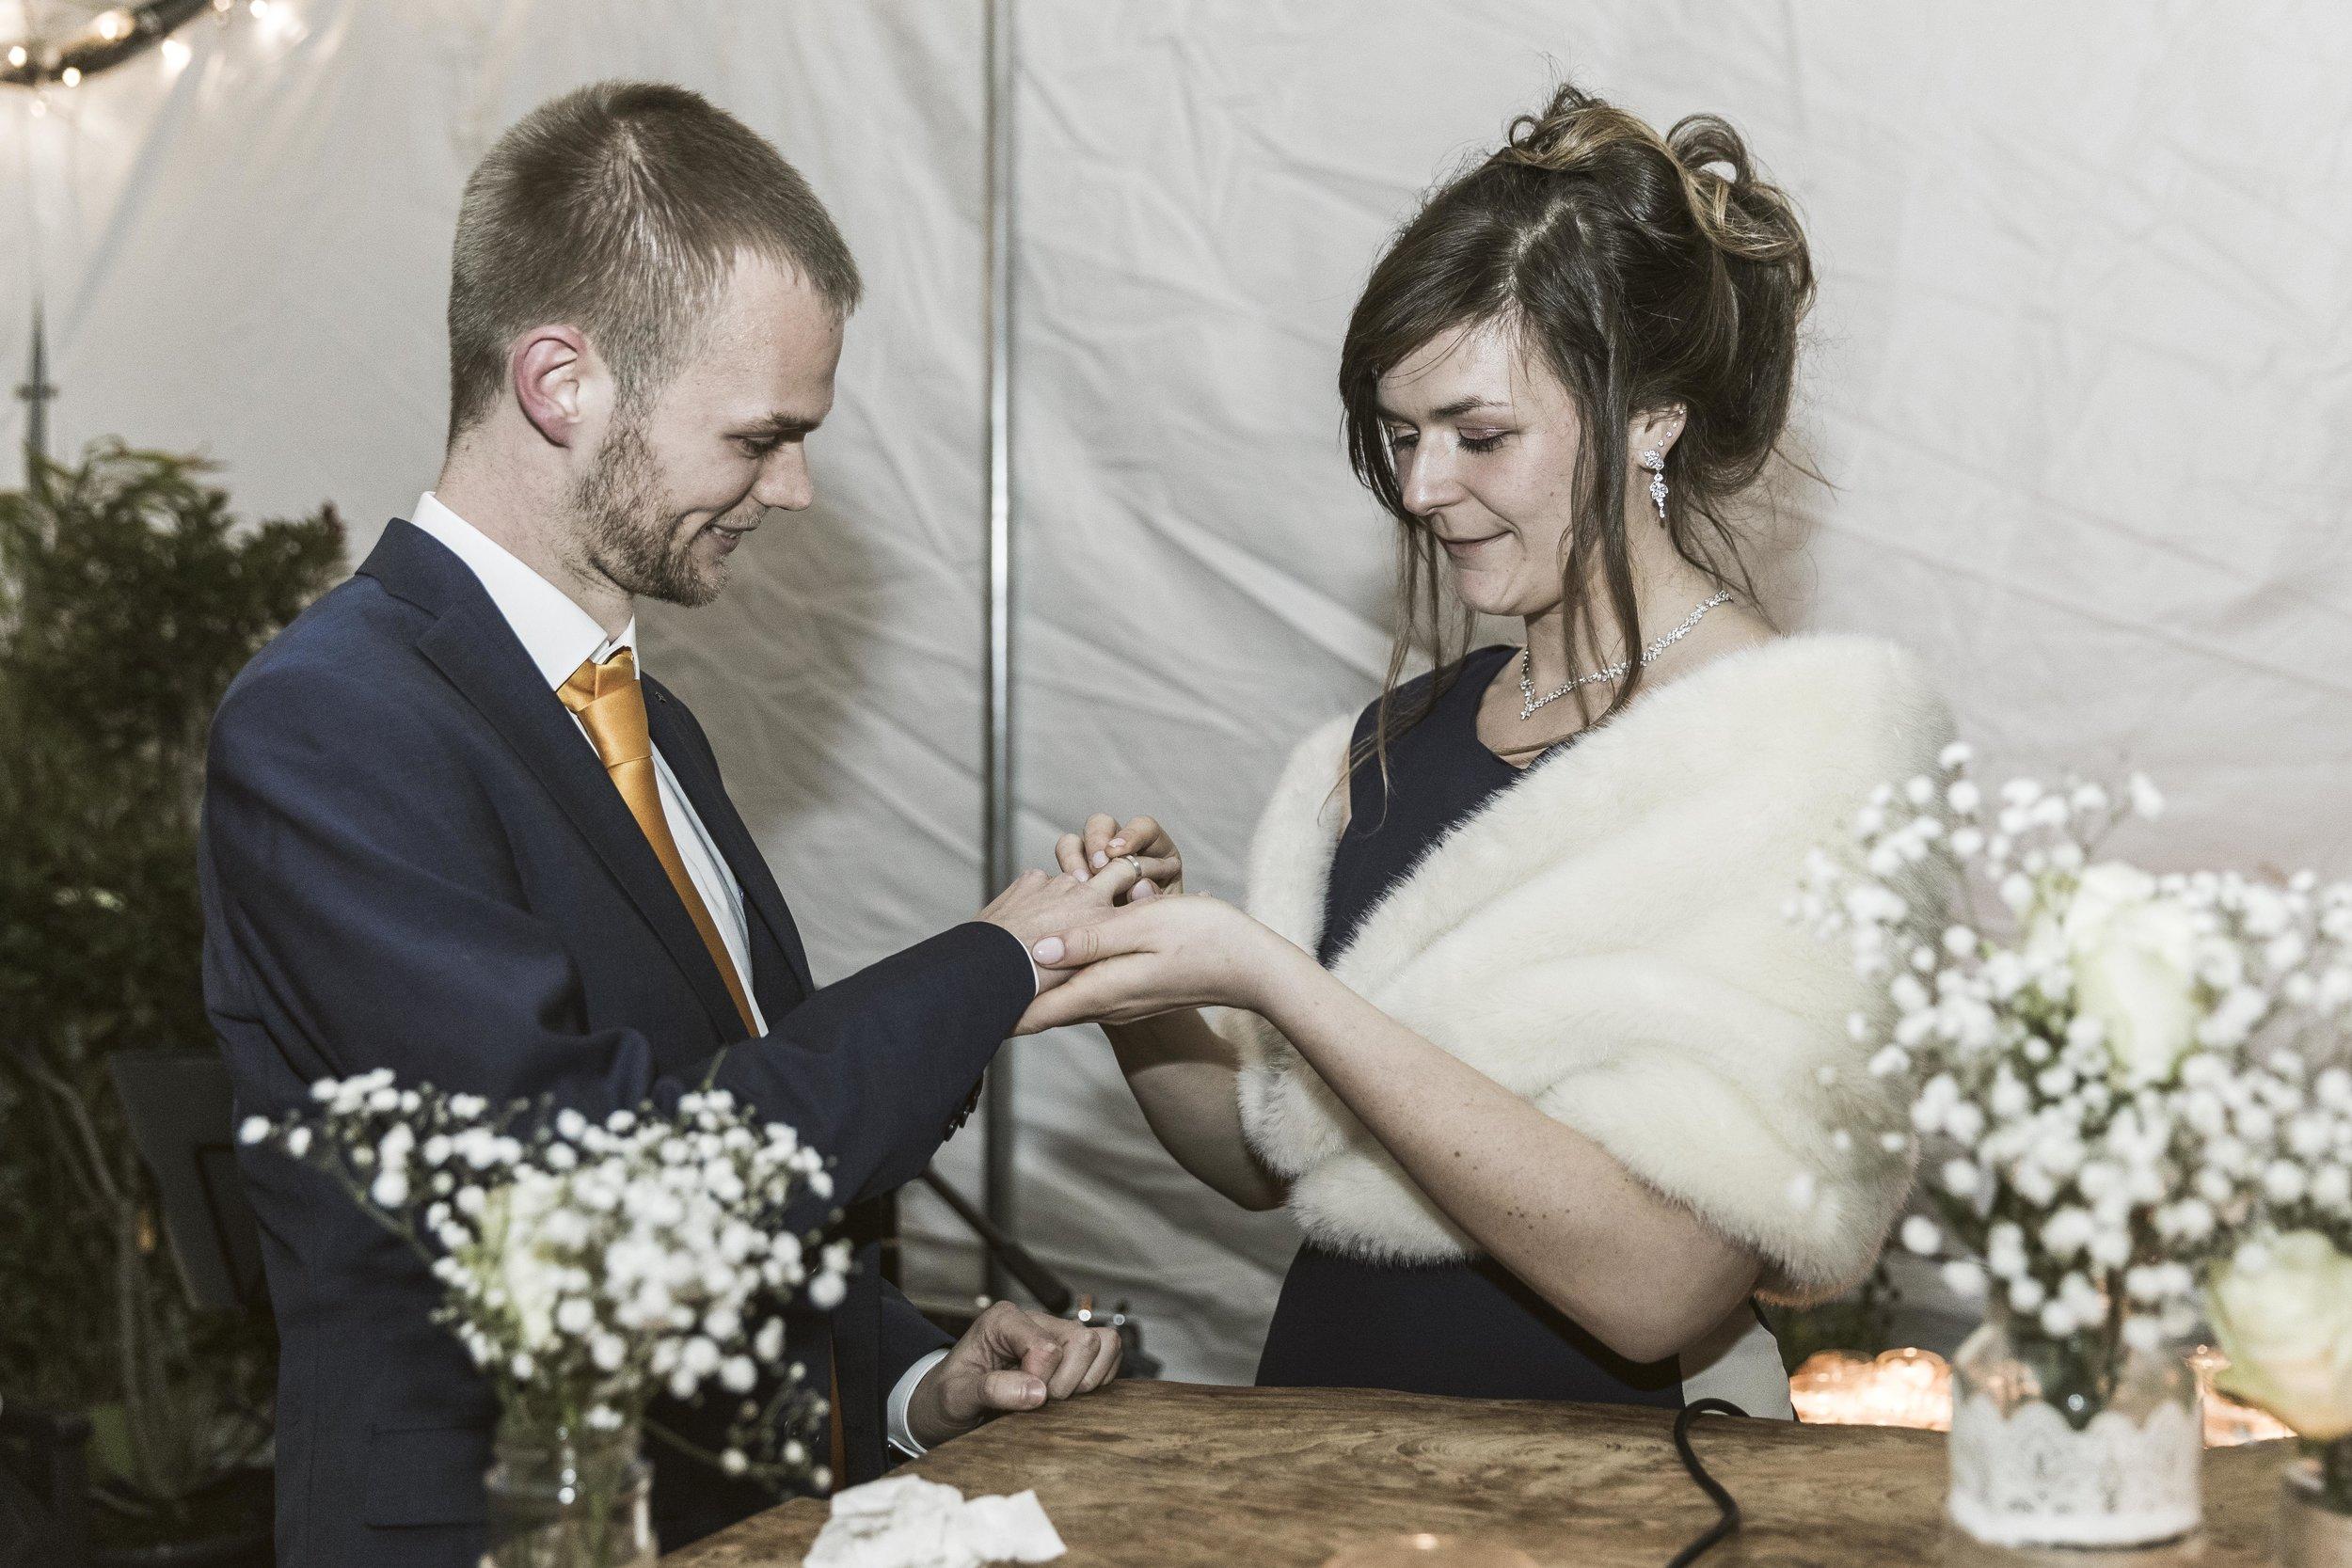 Huwelijk-Karo-Steven-20171216-Alexis-Breugelmans-044.jpg